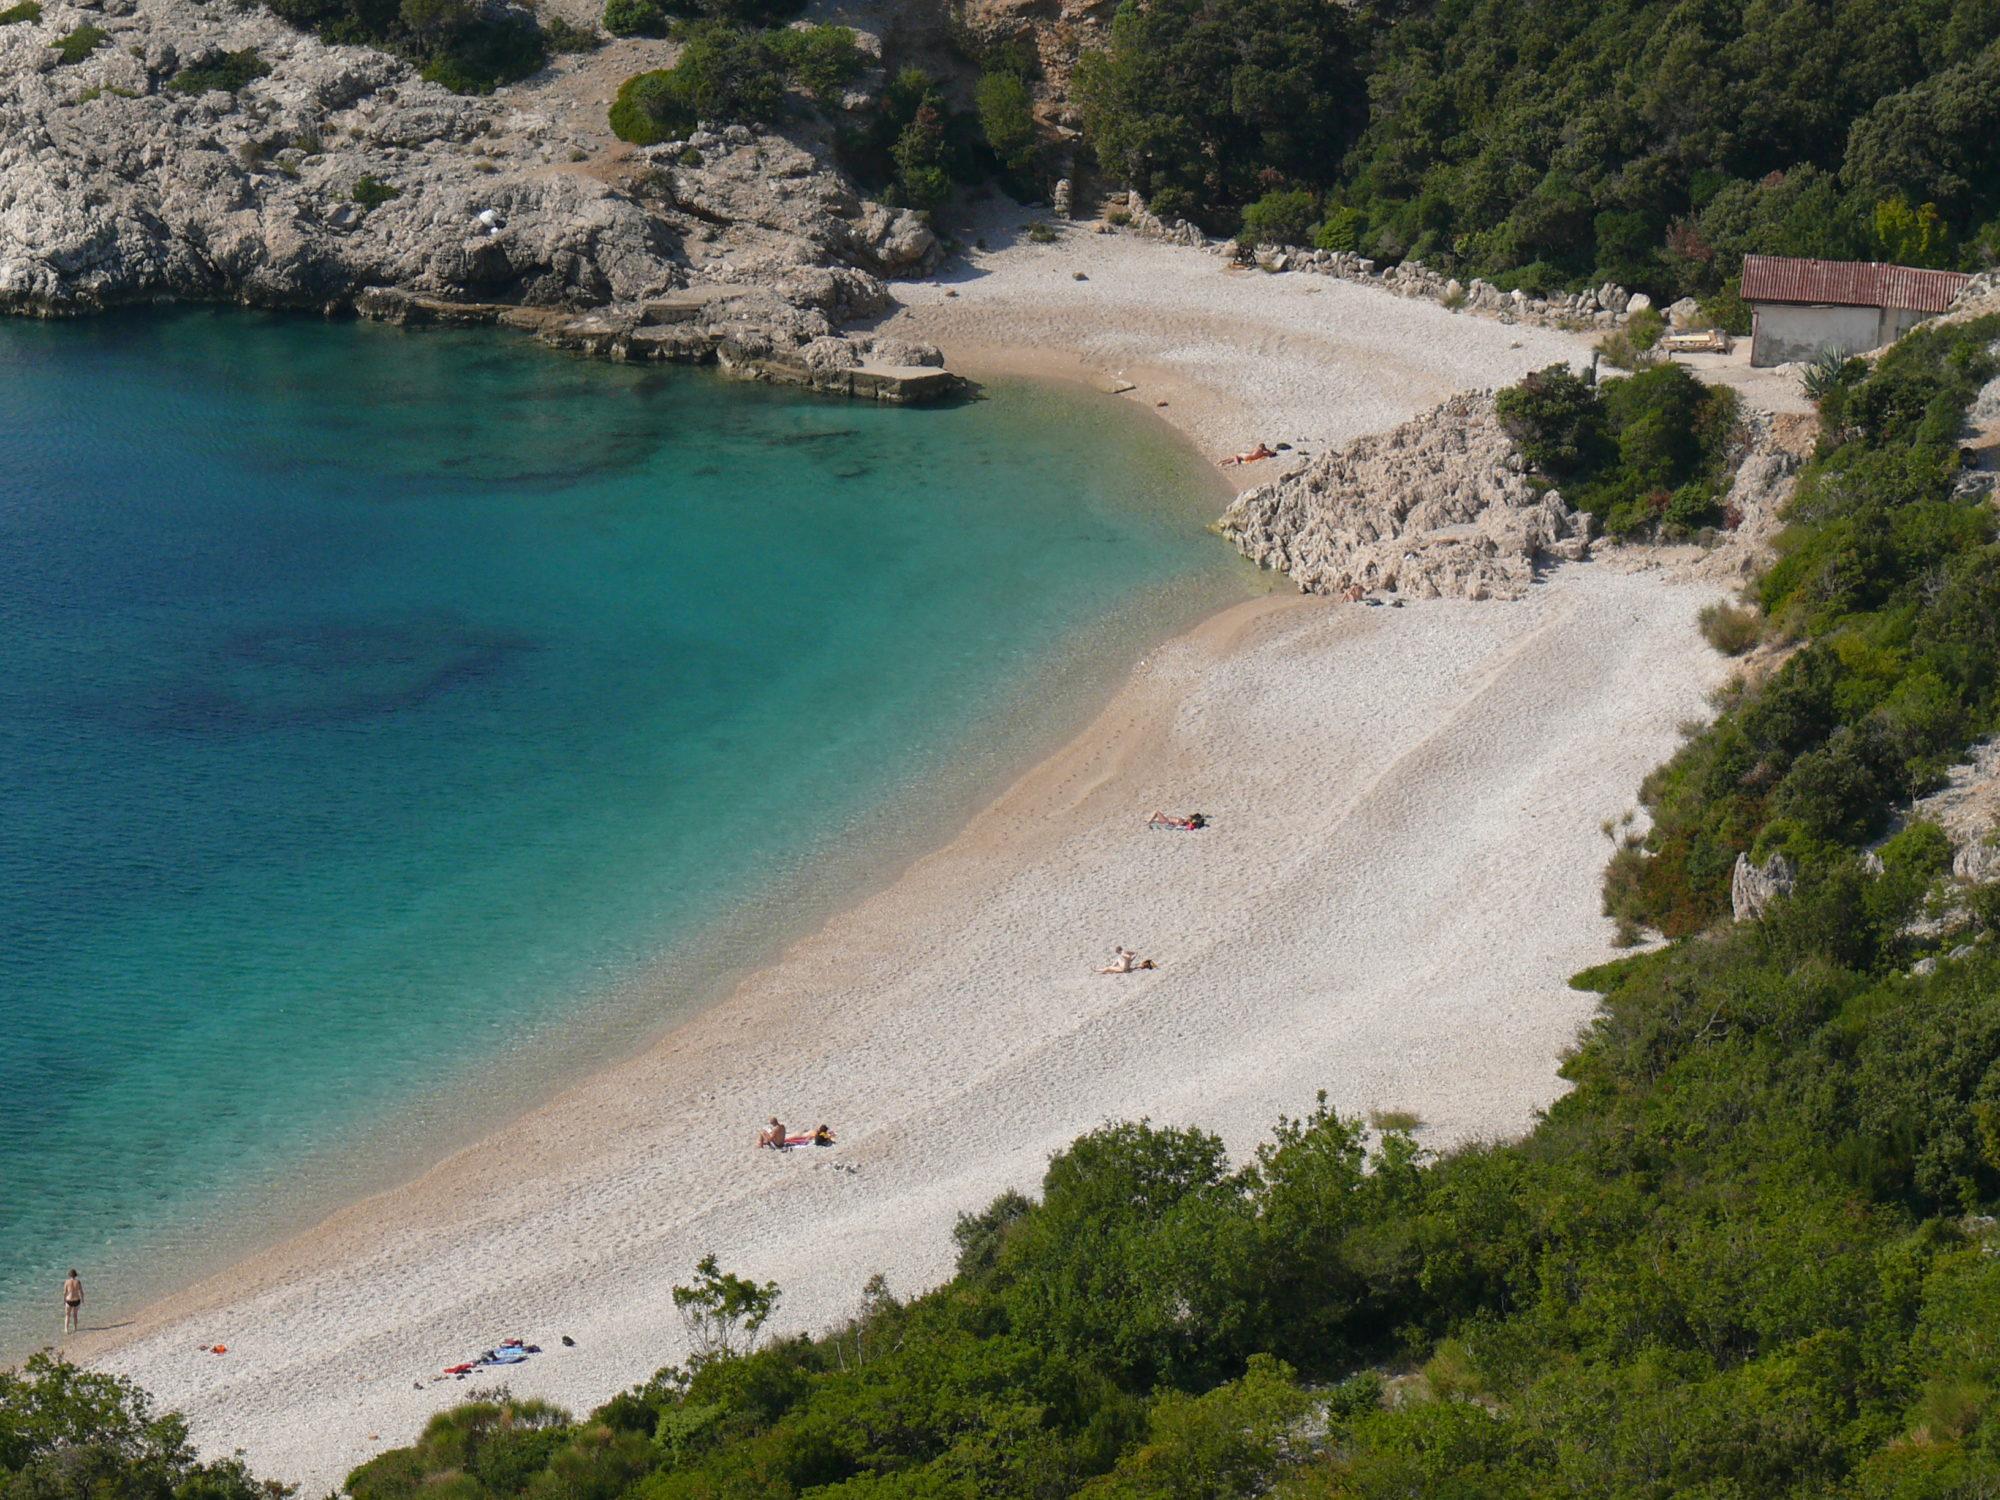 Sekretna plaża